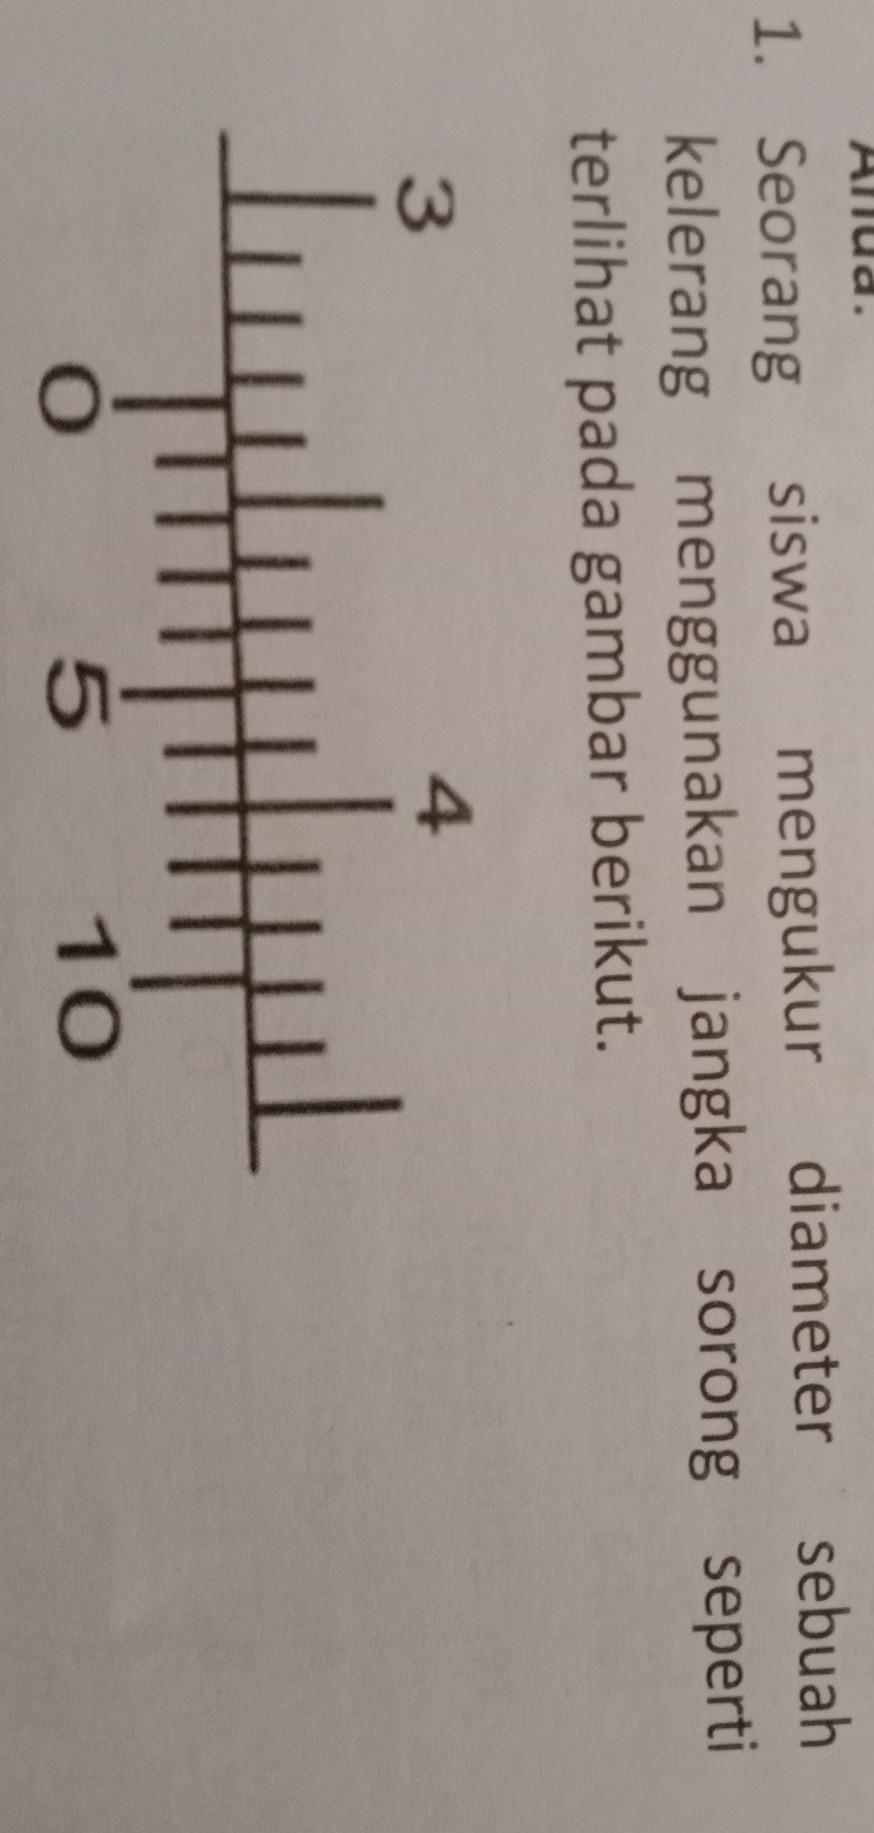 Seorang Siswa Mengukur Diameter Sebuah Kelereng Menggunakan Jangka Sorong : seorang, siswa, mengukur, diameter, sebuah, kelereng, menggunakan, jangka, sorong, Seorang, Siswa, Mengukur, Diameter, Sebuahkelerang, Menggunakan, Jangka, Sorong, Sepertiterlihat, Brainly.co.id